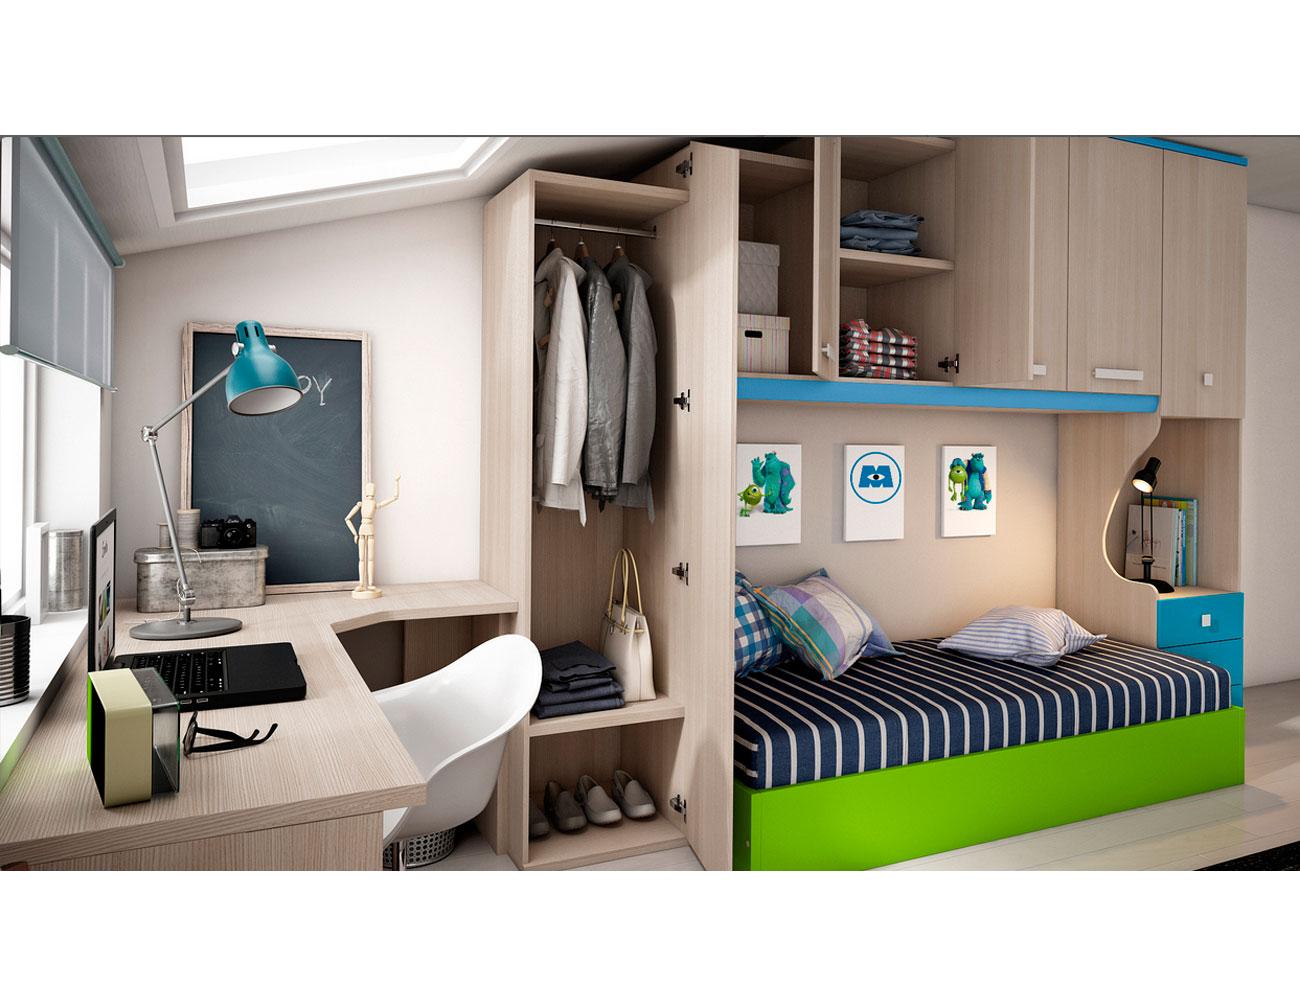 Dormitorio juvenil con puente abuhardillado 13150 for Mueble puente juvenil